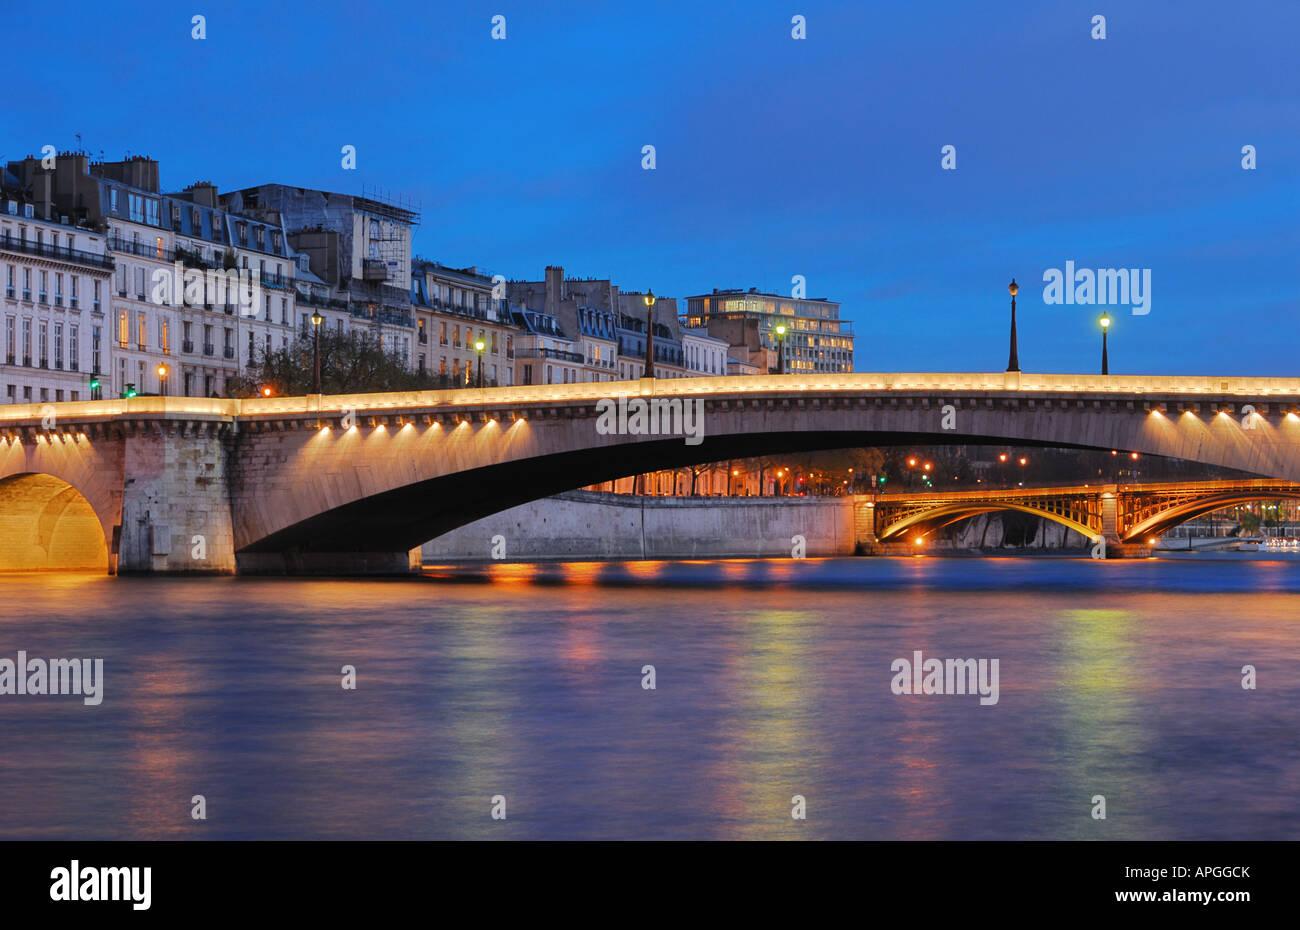 Saint-Louis Island Aand de la Tournelle Bridge at the blue Hour, Paris, France - Stock Image